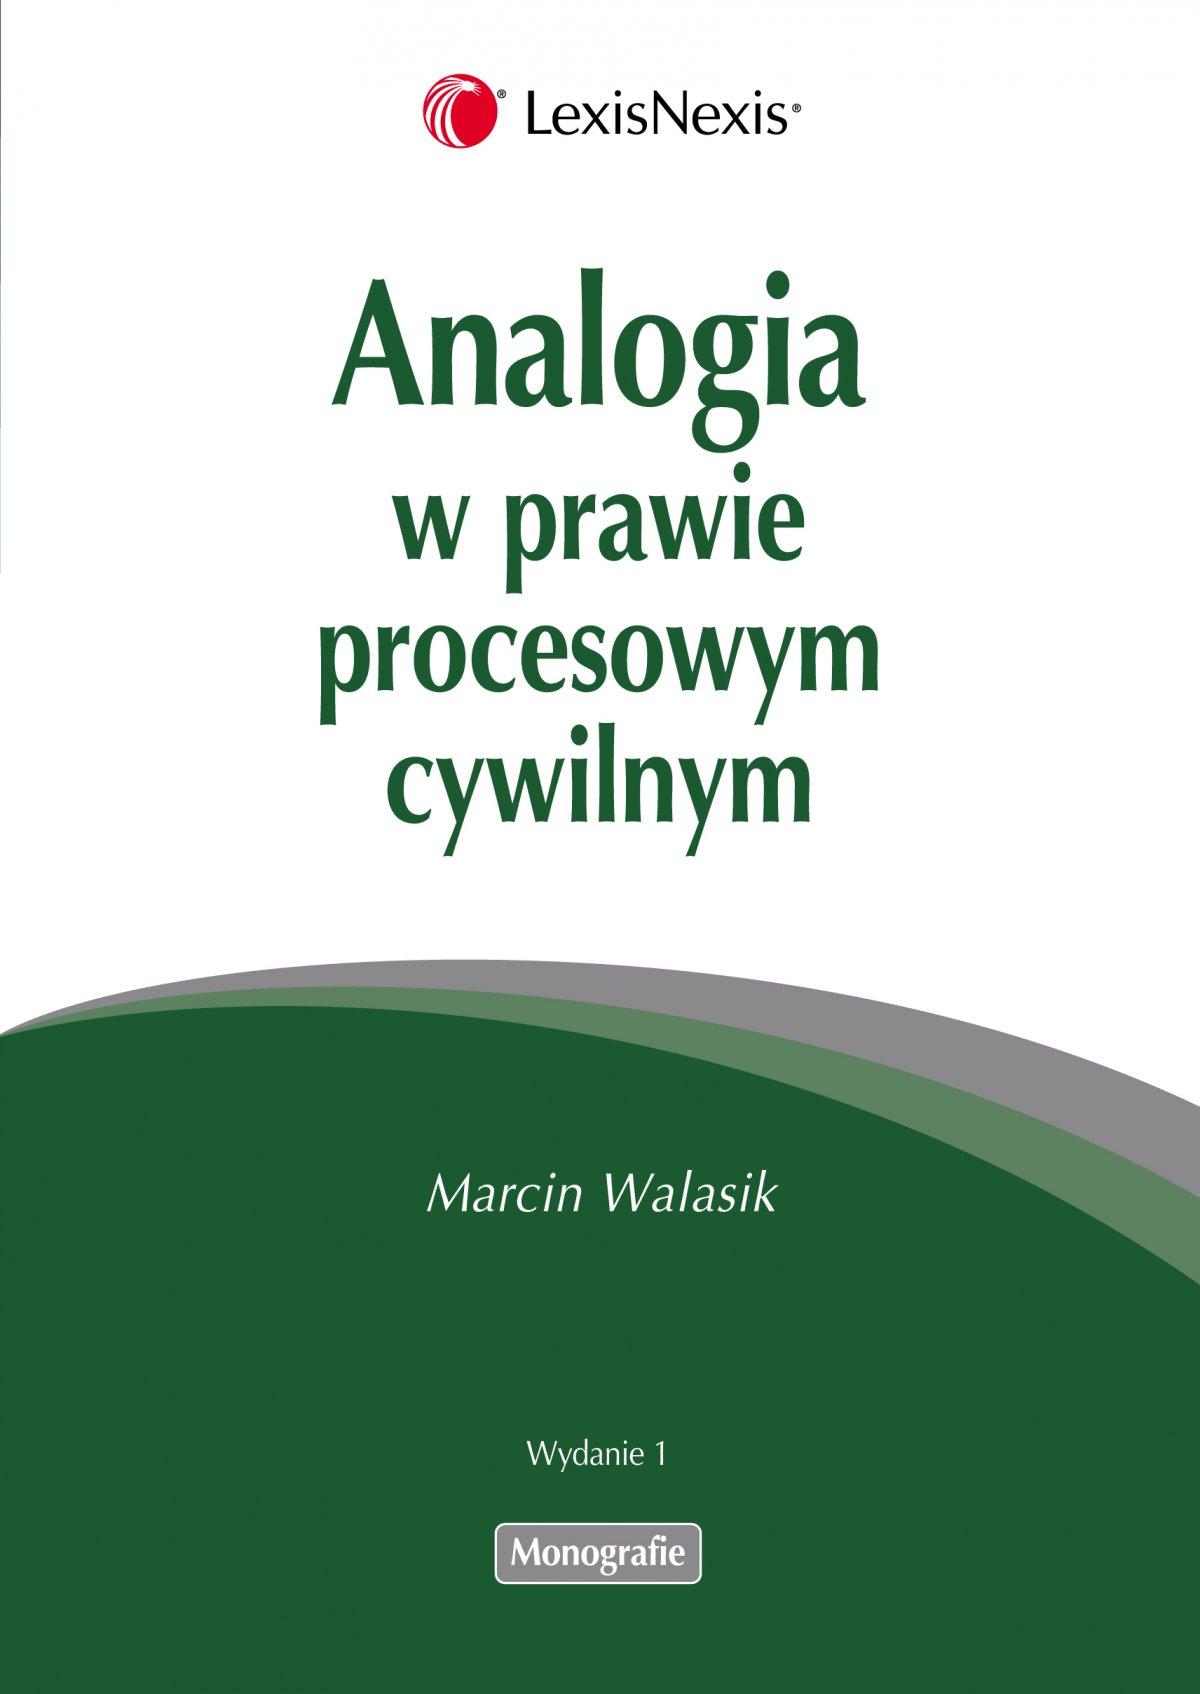 Analogia w prawie procesowym cywilnym - Ebook (Książka EPUB) do pobrania w formacie EPUB